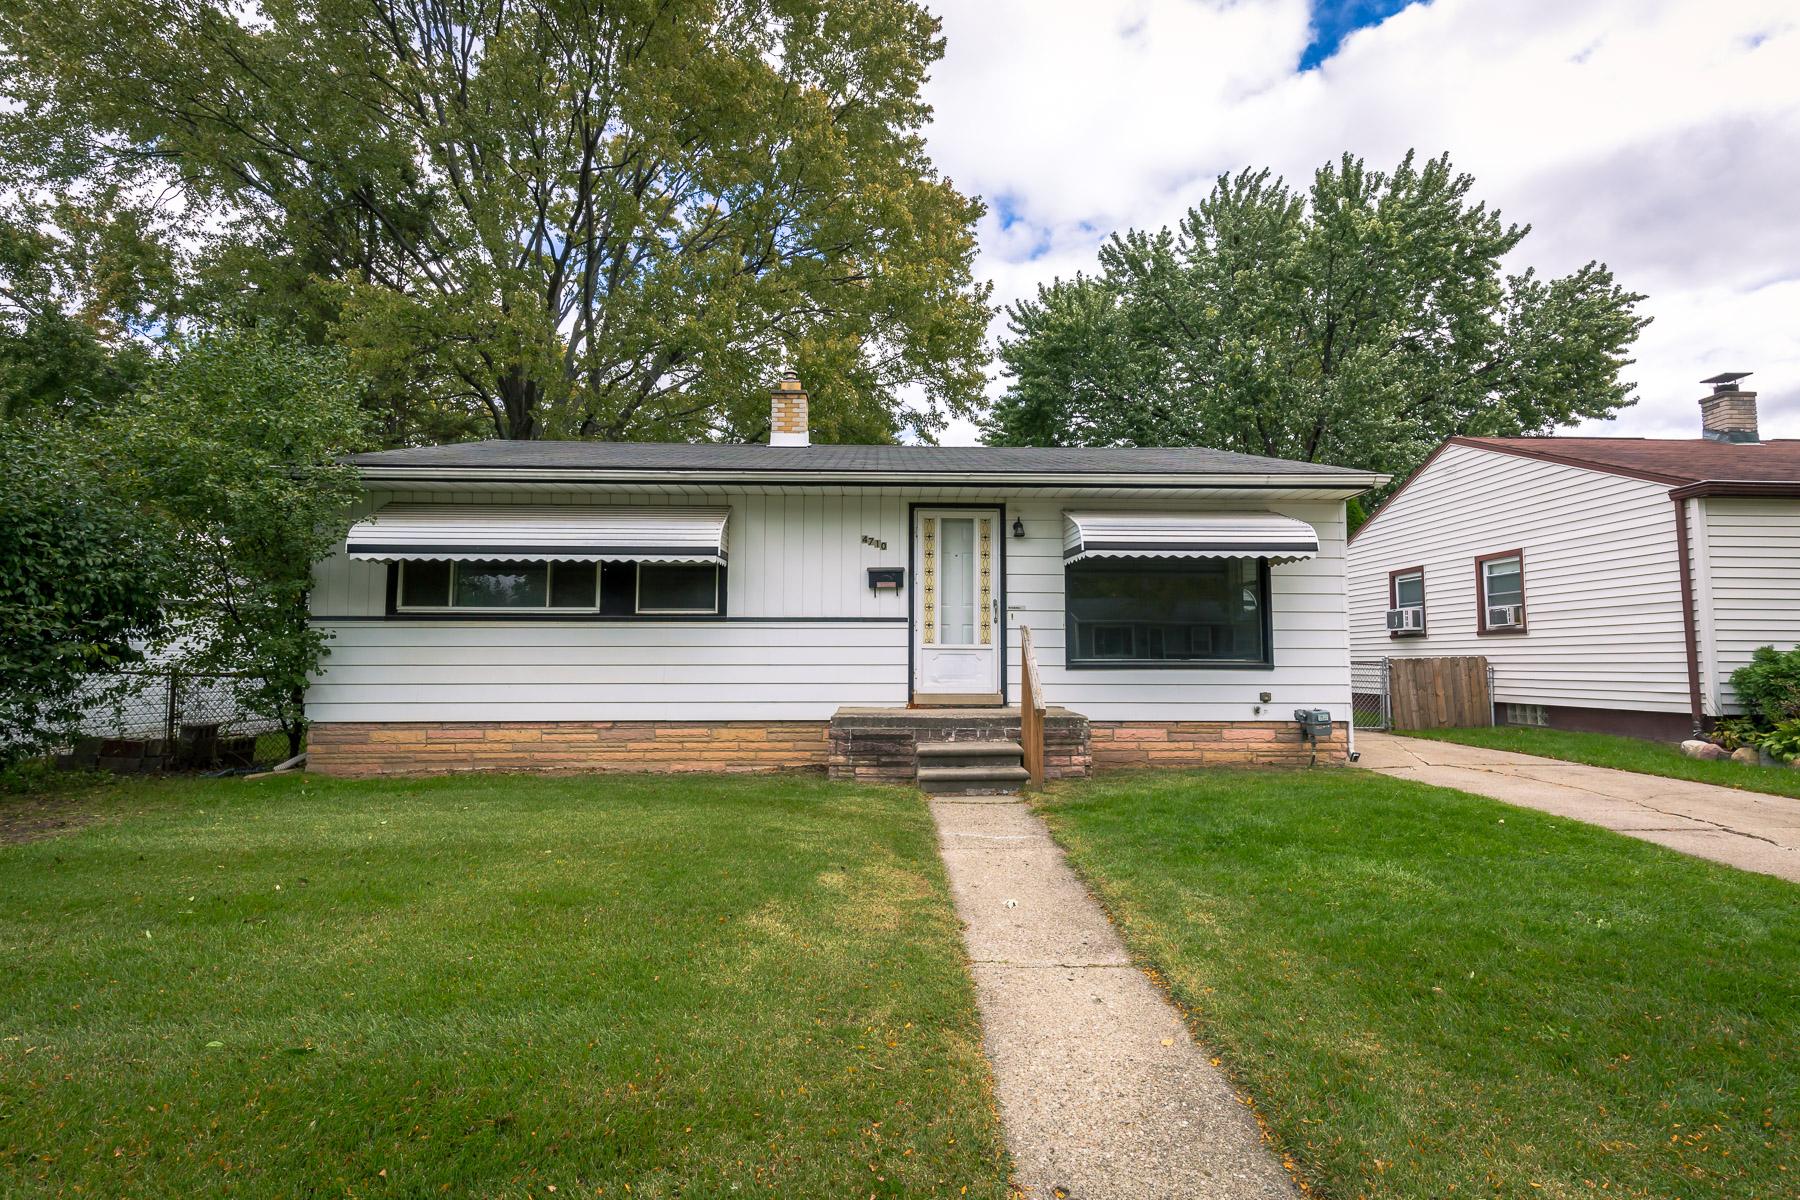 4710 Thorncroft Ave, Royal Oak, MI